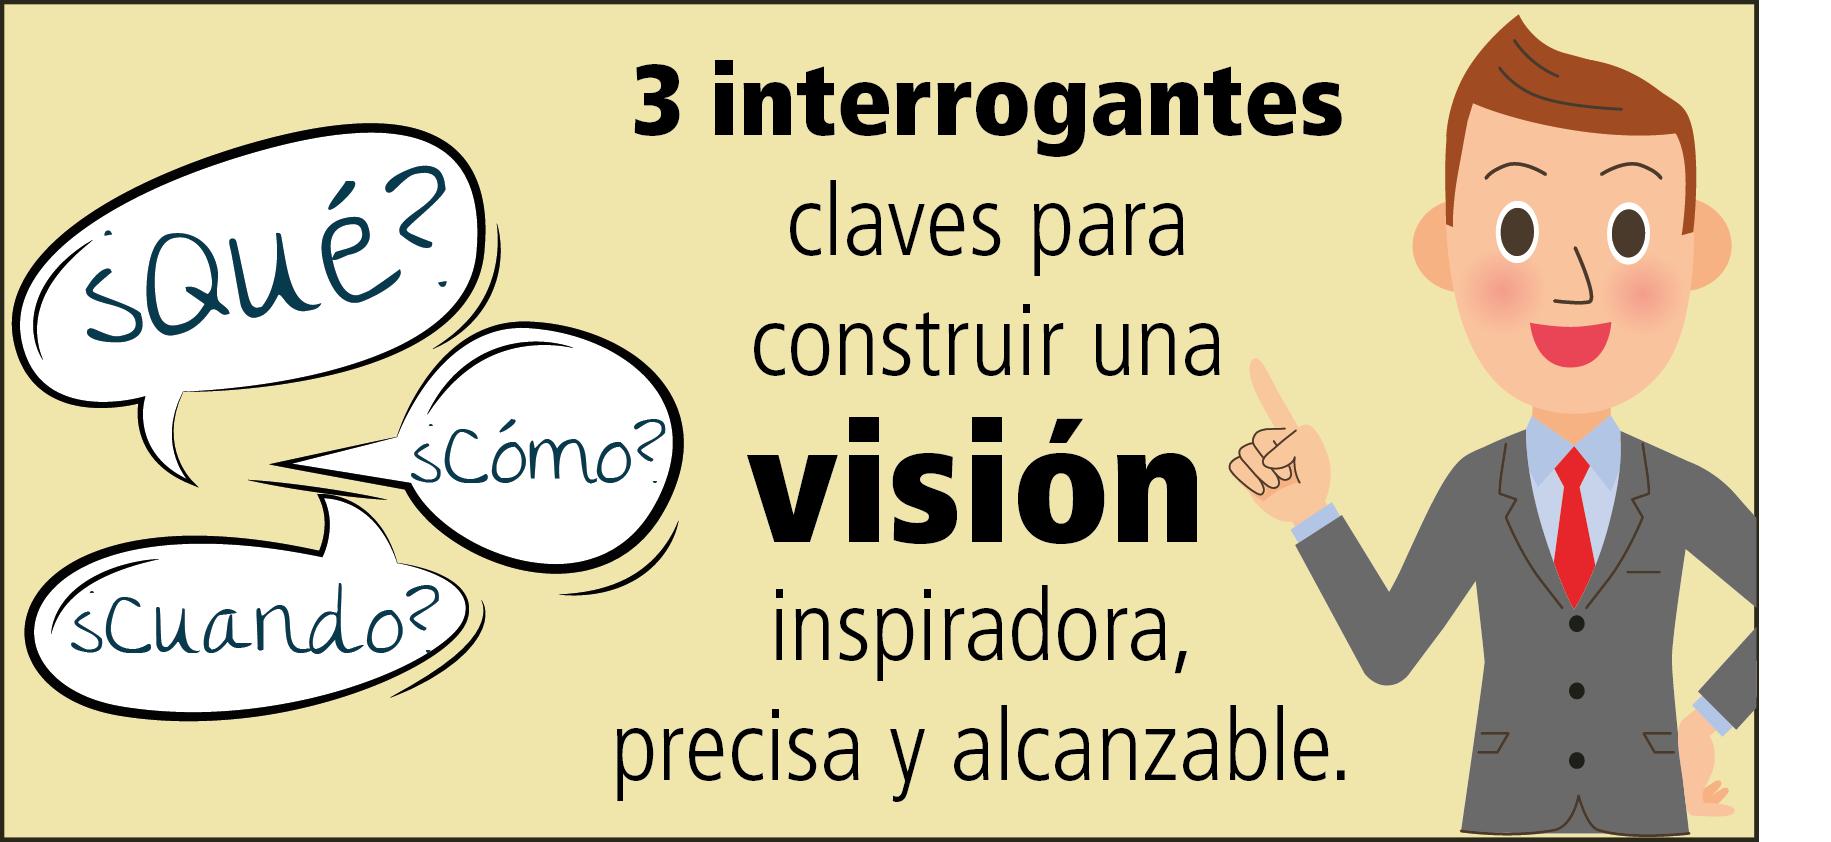 3 preguntas claves para construir una visión inspiradora, precisa y alcanzable.